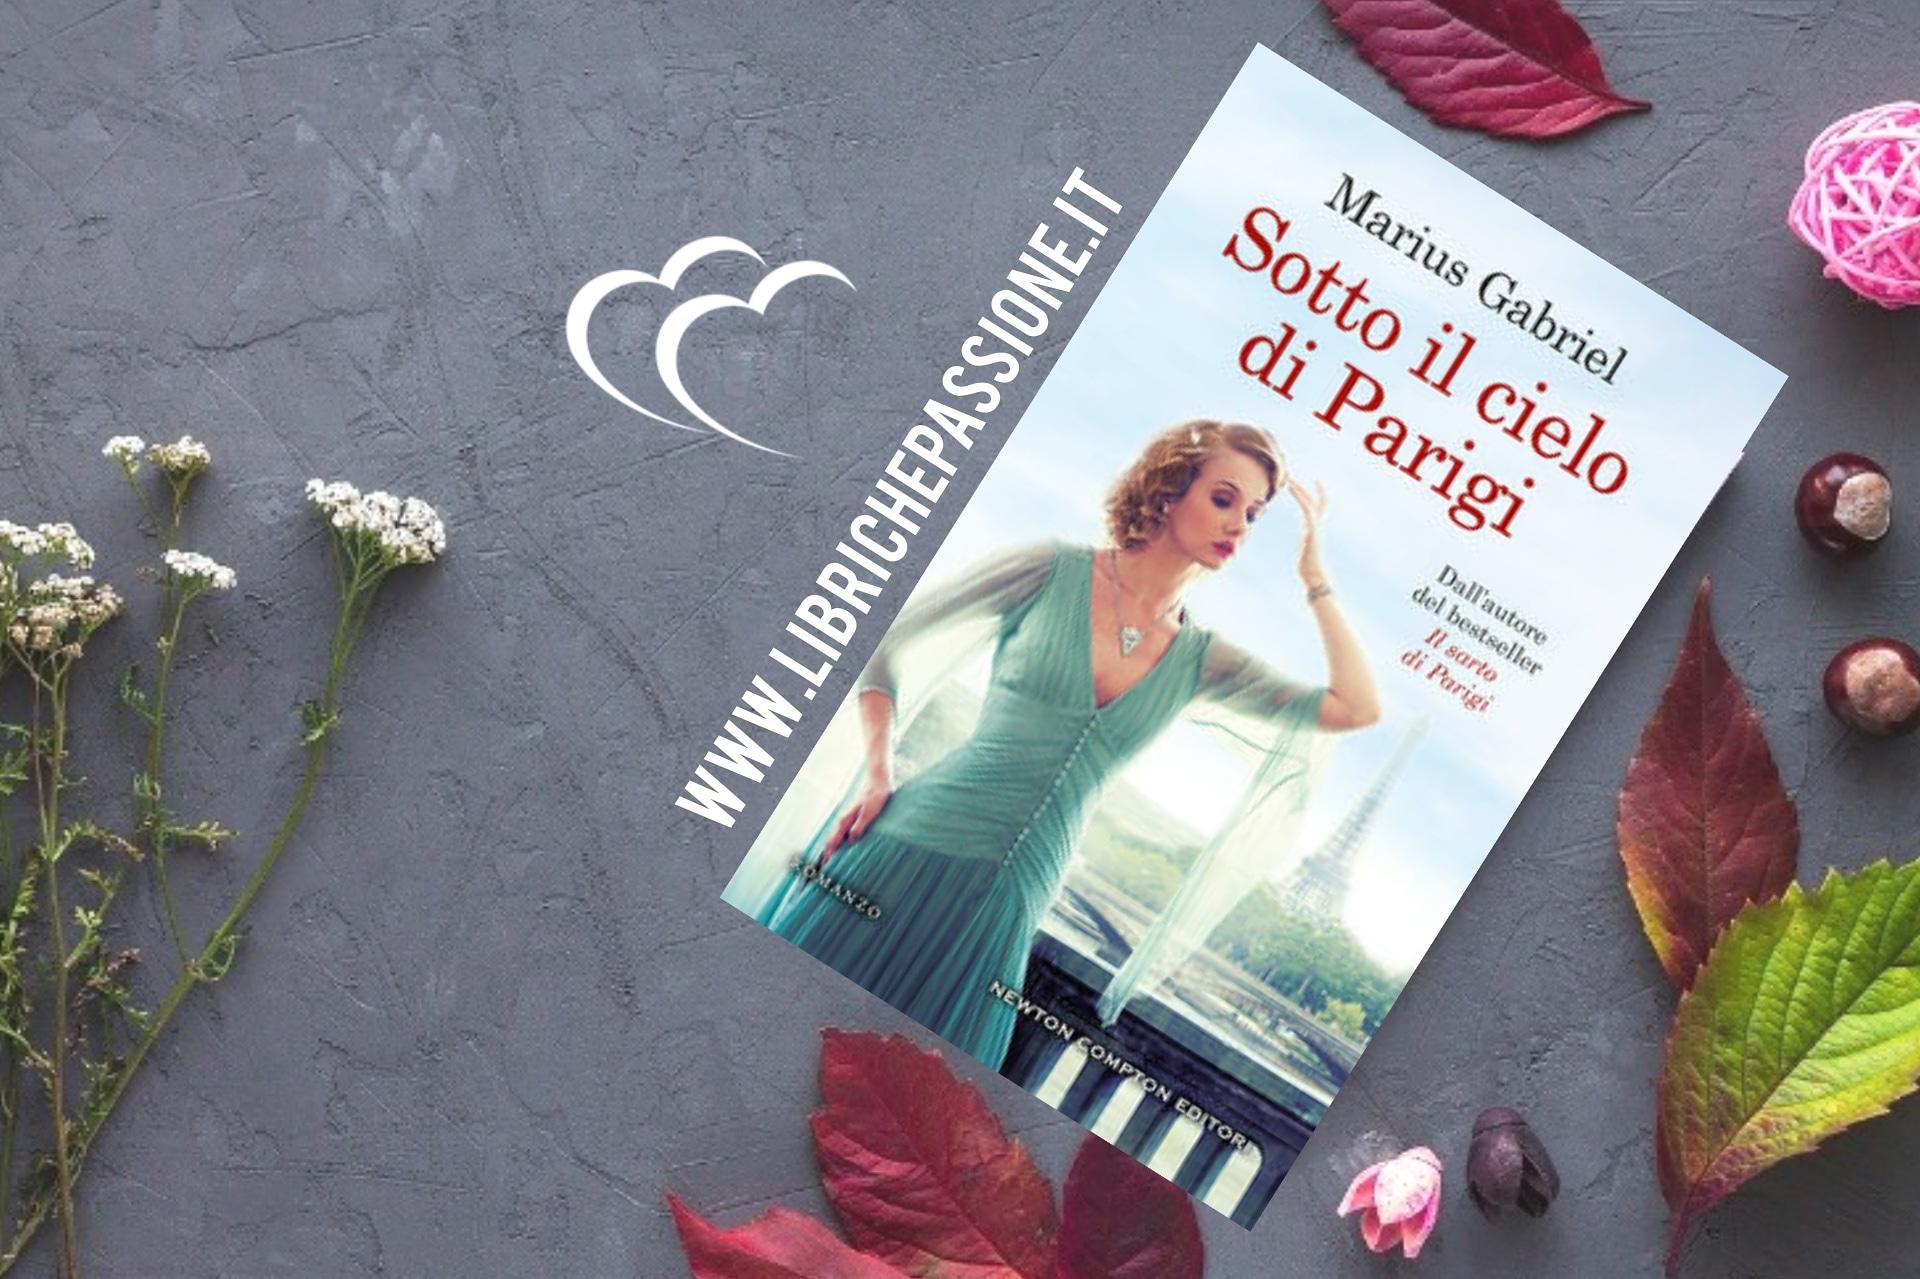 """Recensione del romanzo """"Sotto il cielo di Parigi"""" di Marius Gabriel edito da Newton Compton."""